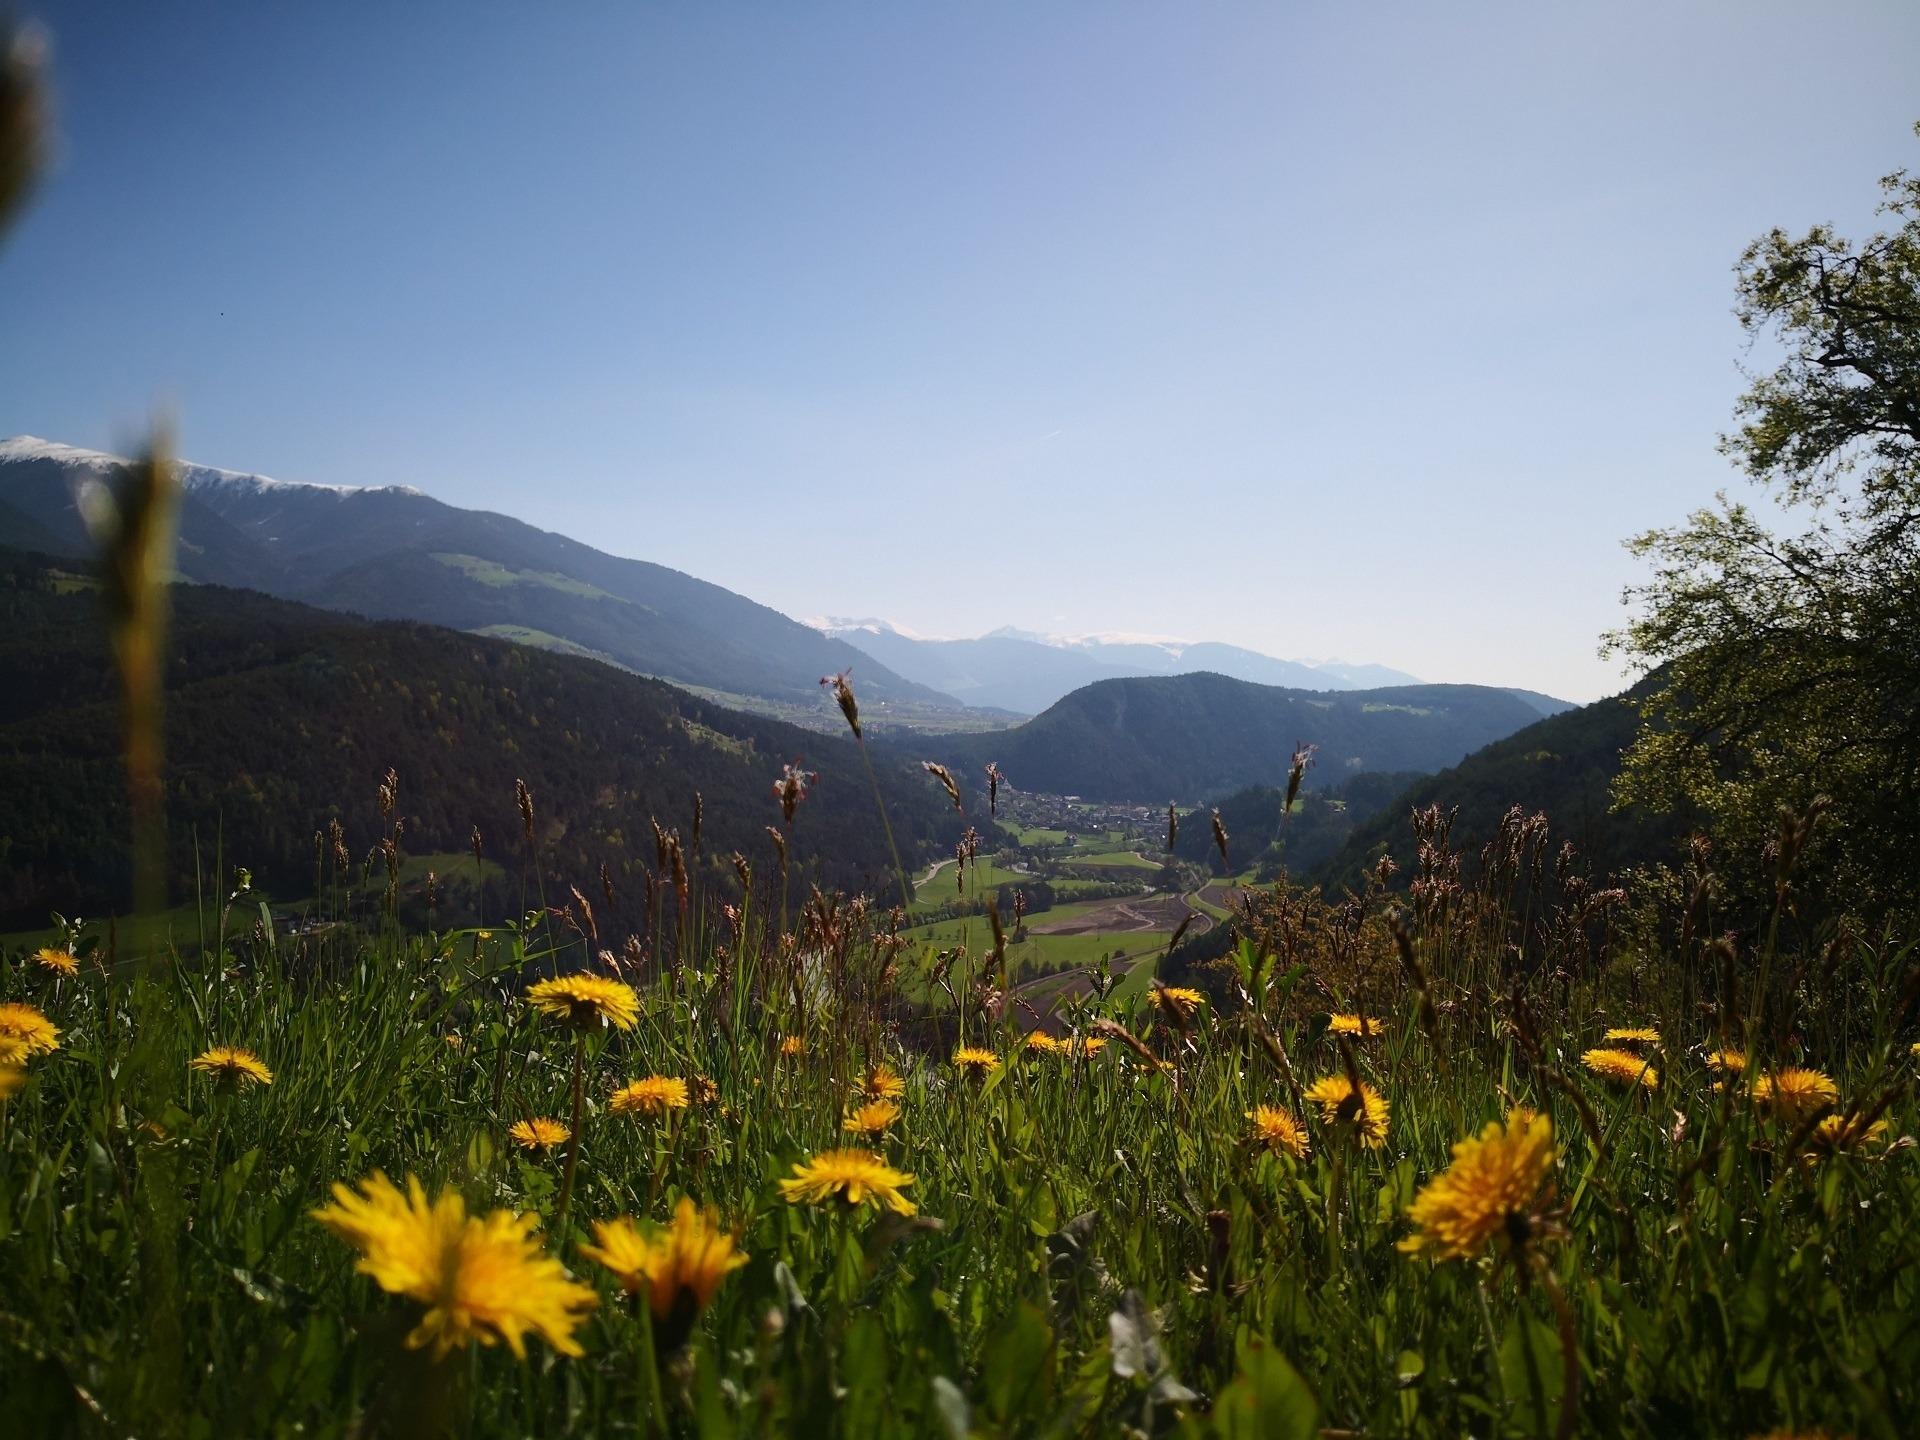 Ferienwohnung Oberplunerhof Chaletapartment Gitschberg (2701876), Kiens (Chienes), Pustertal, Trentino-Südtirol, Italien, Bild 8